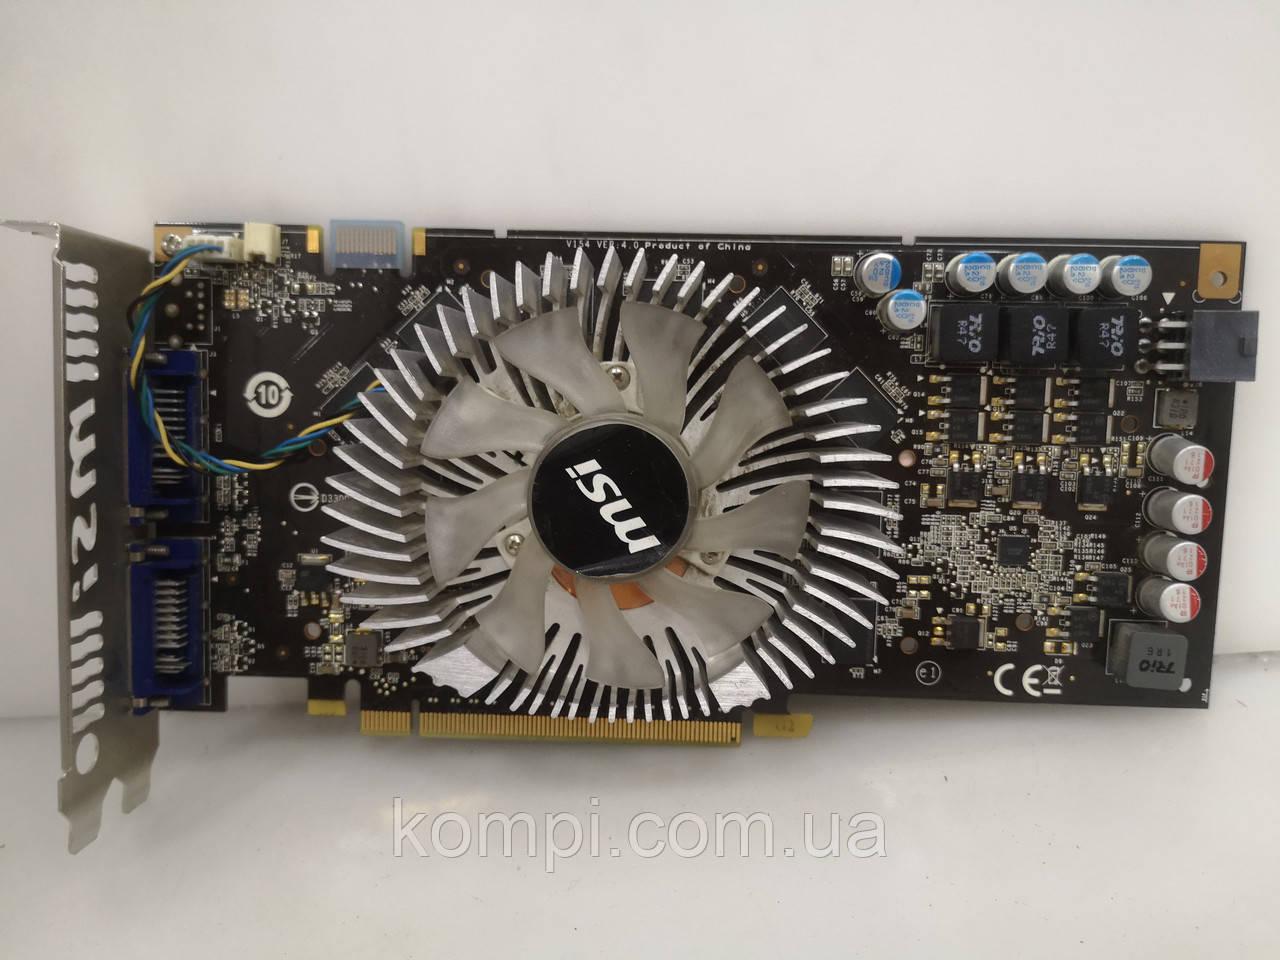 Видеокарта Nvidia Geforce GTS 250 512MB 256bit PCI-E